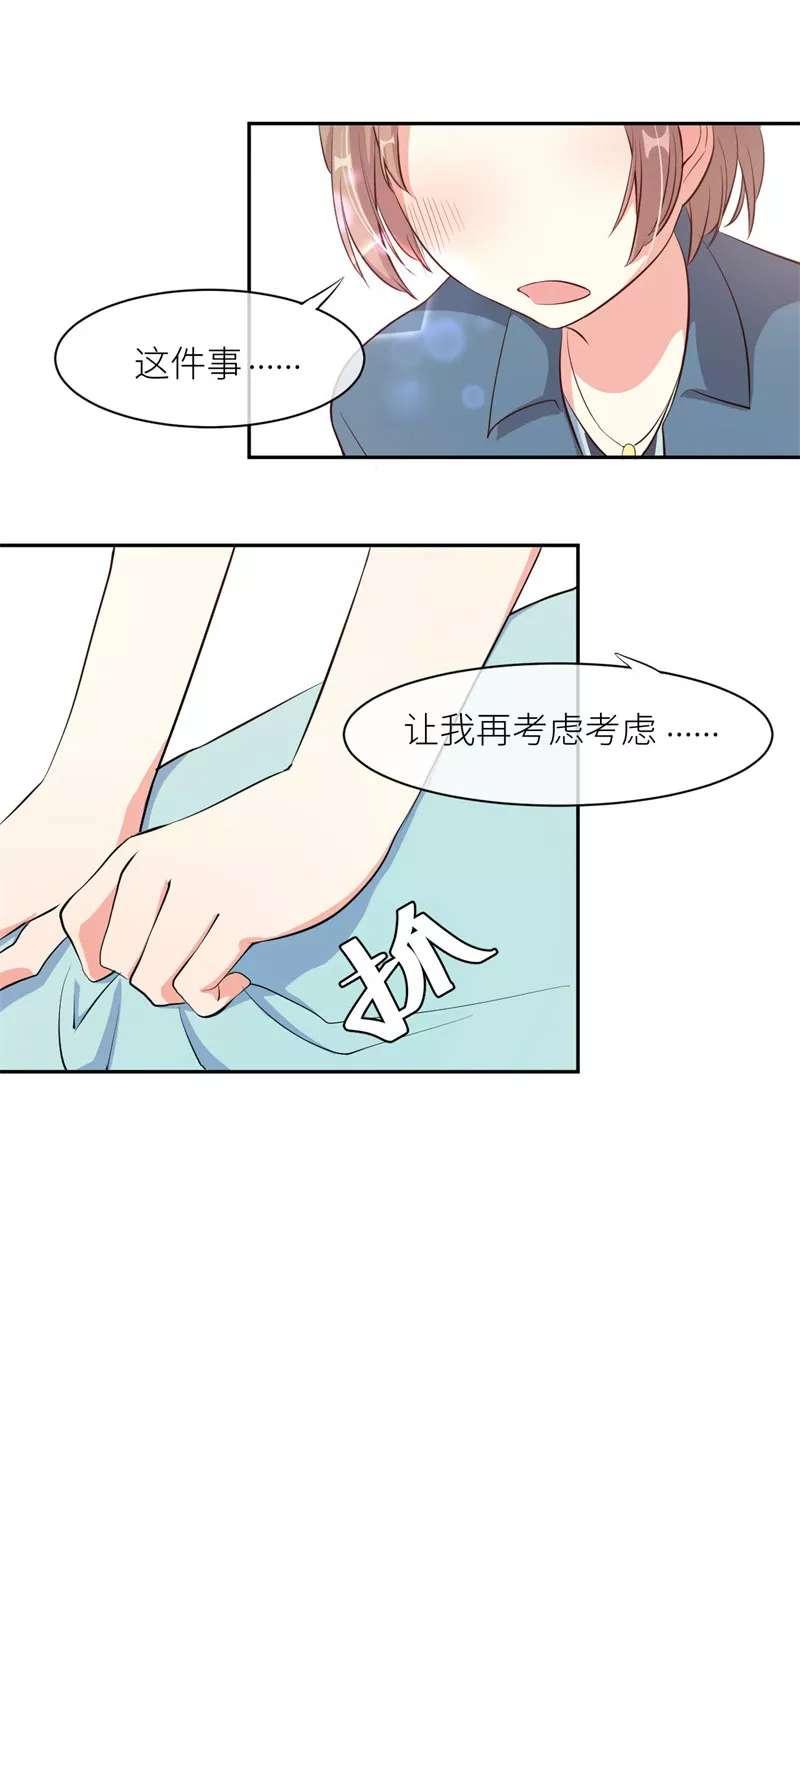 暗恋成婚第9话  009就算是老婆求你好不好 第 21